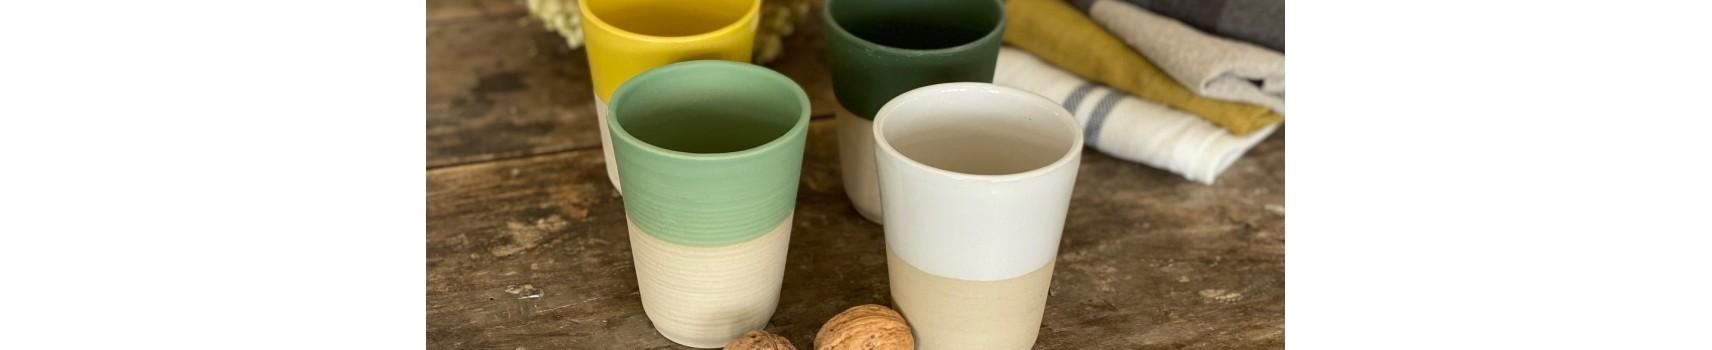 dimanche: 100% made in france, vaisselle grès céramique tasse pichet